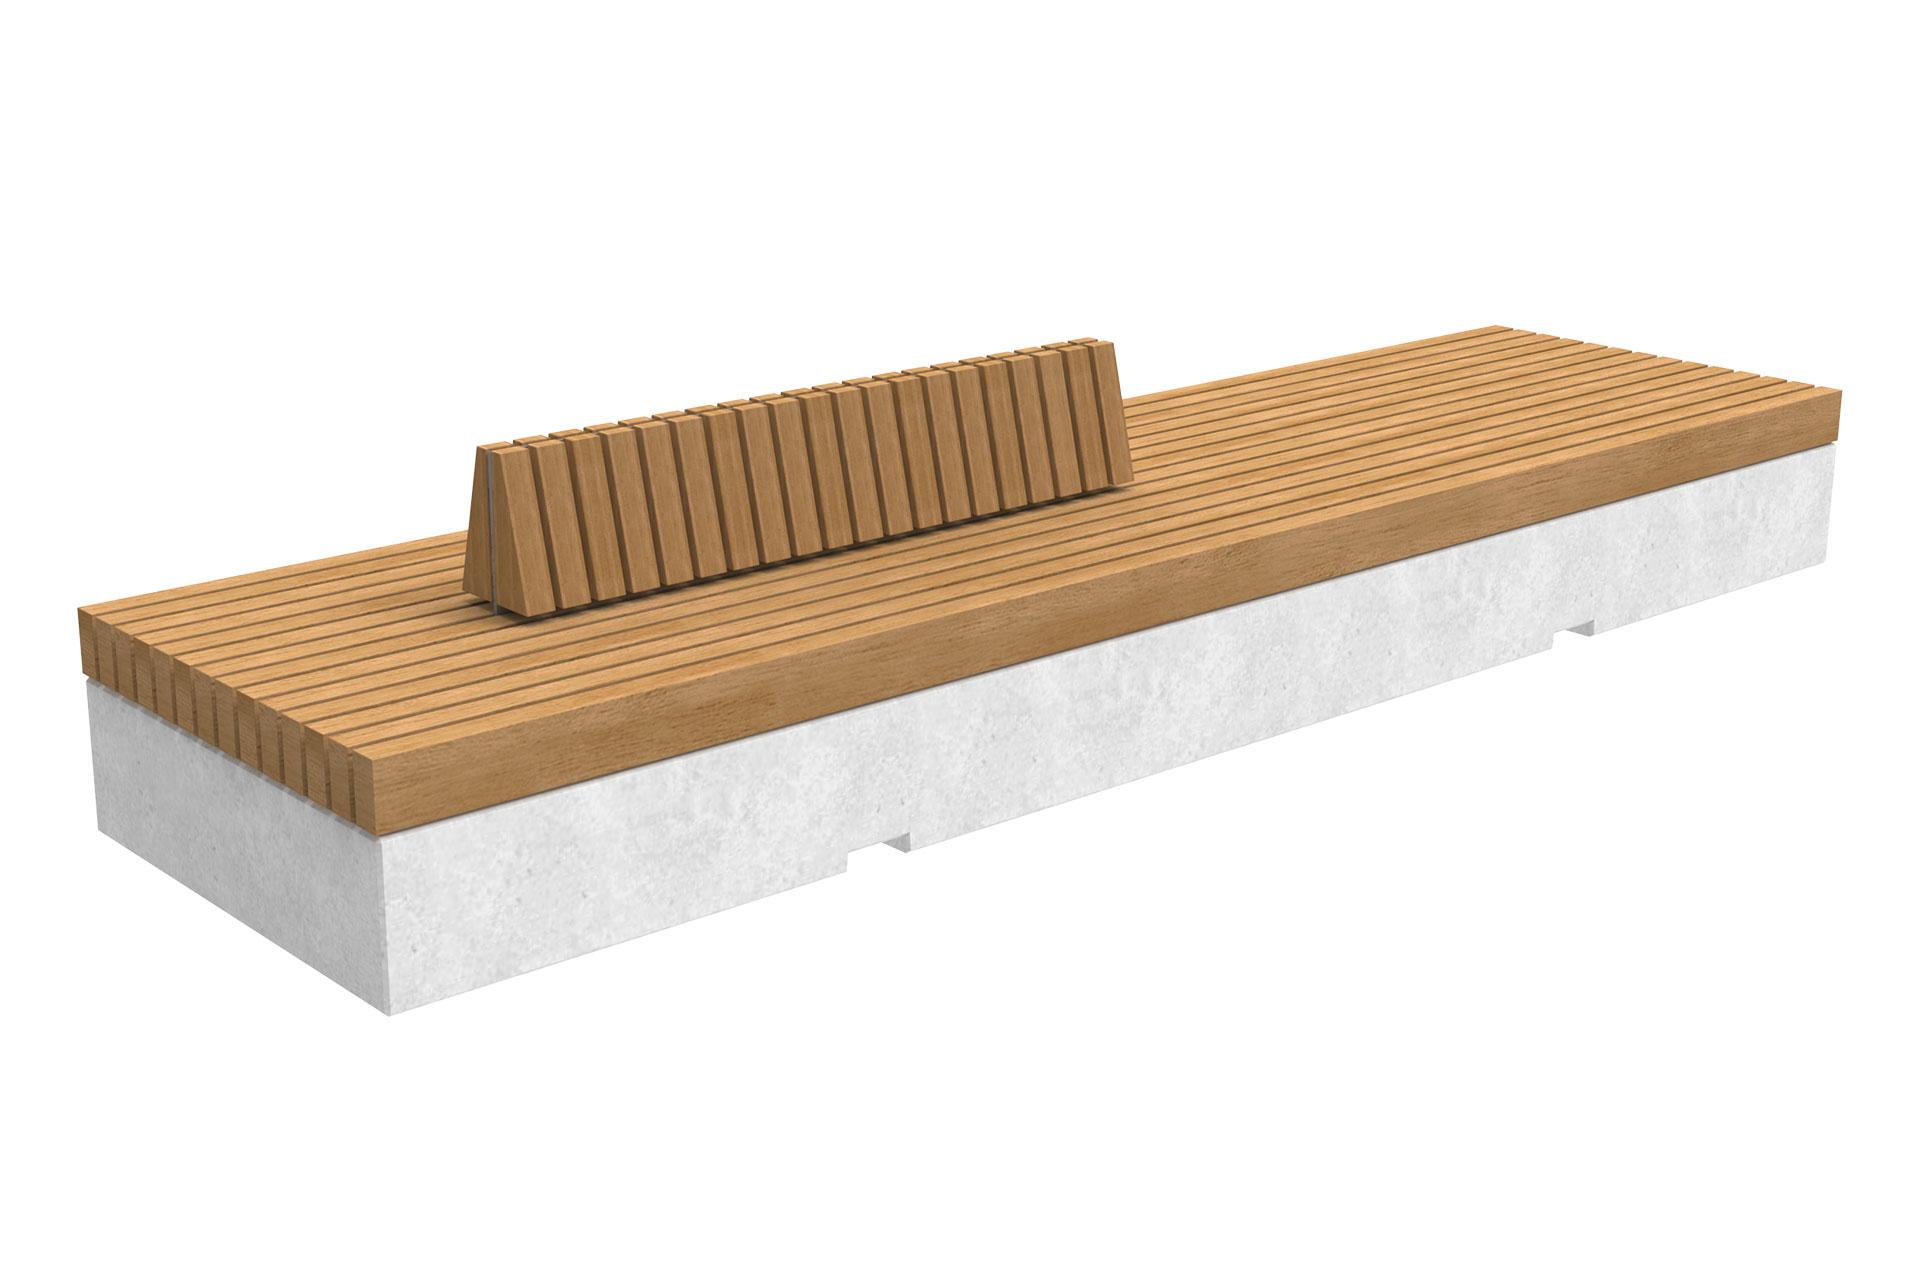 UrbanObjekts Trave Sitzgelegeneheiten Beton mit doppelter Rückenstütze